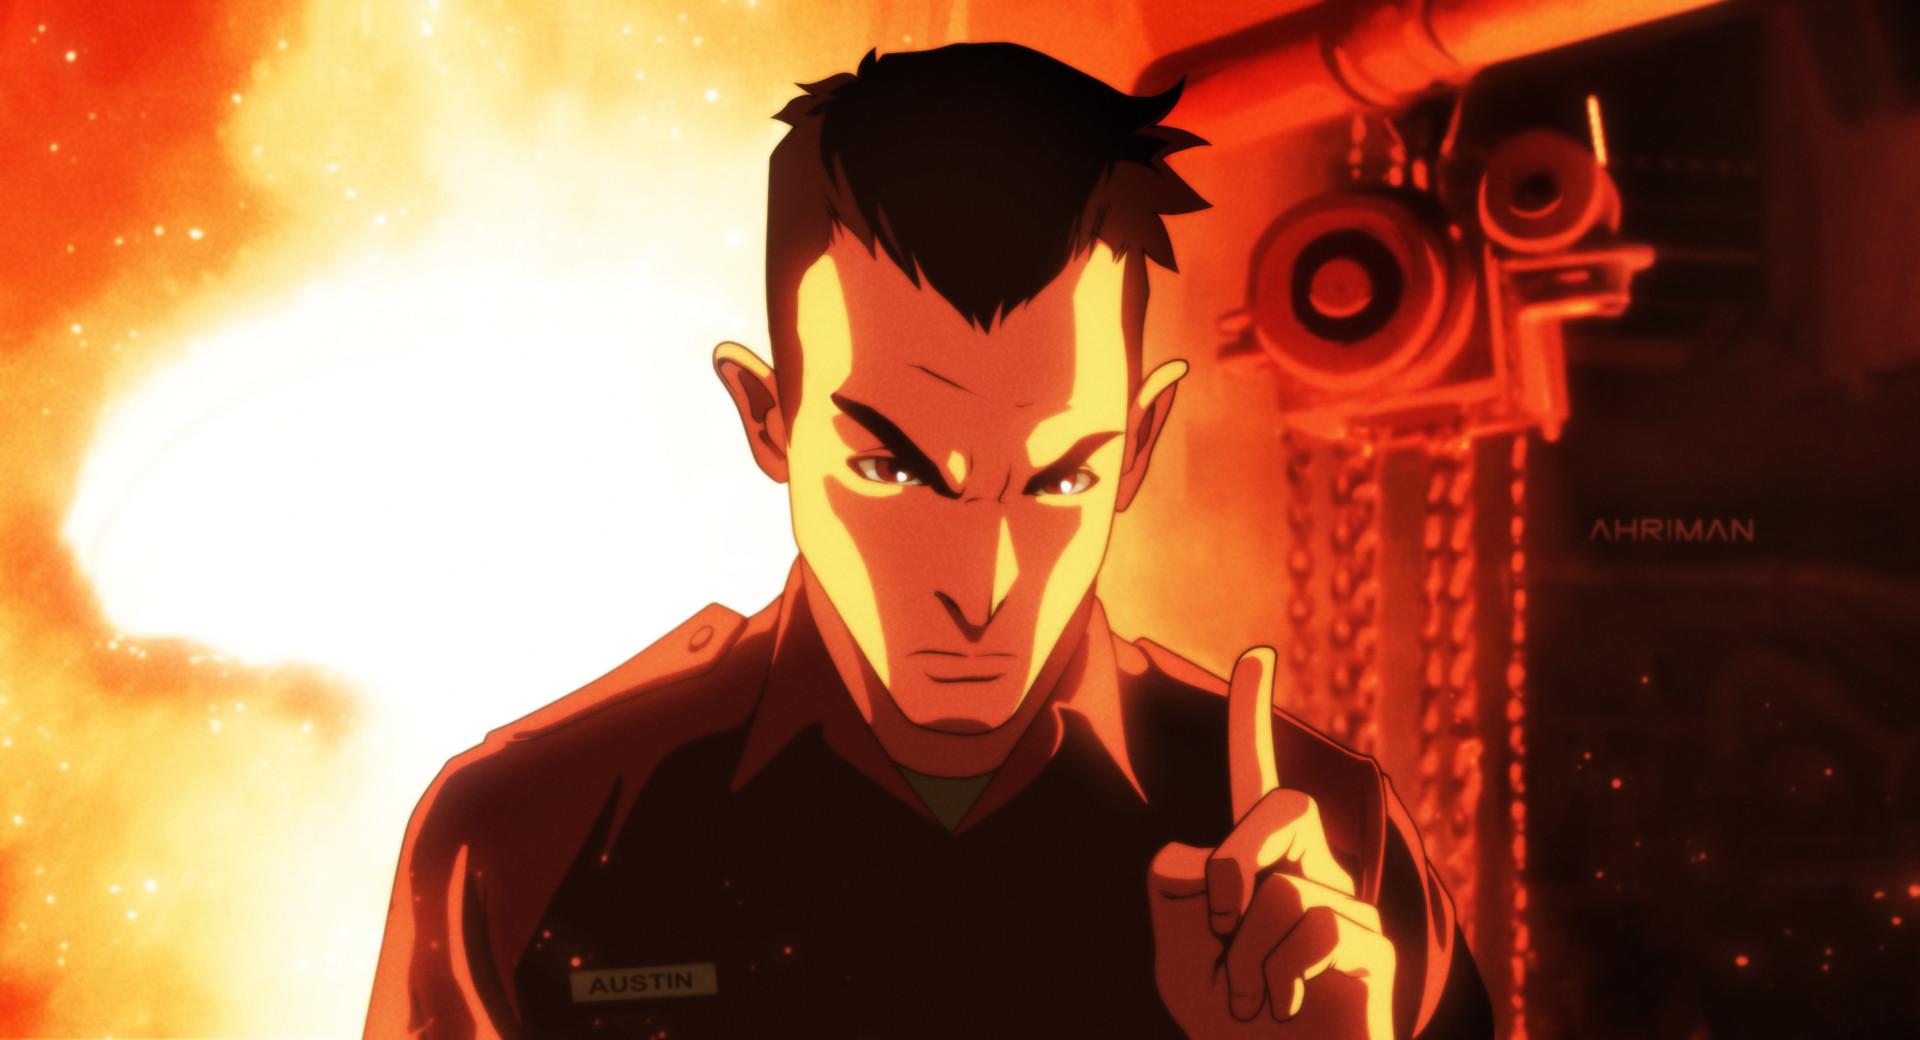 Dmitry grozov anime13